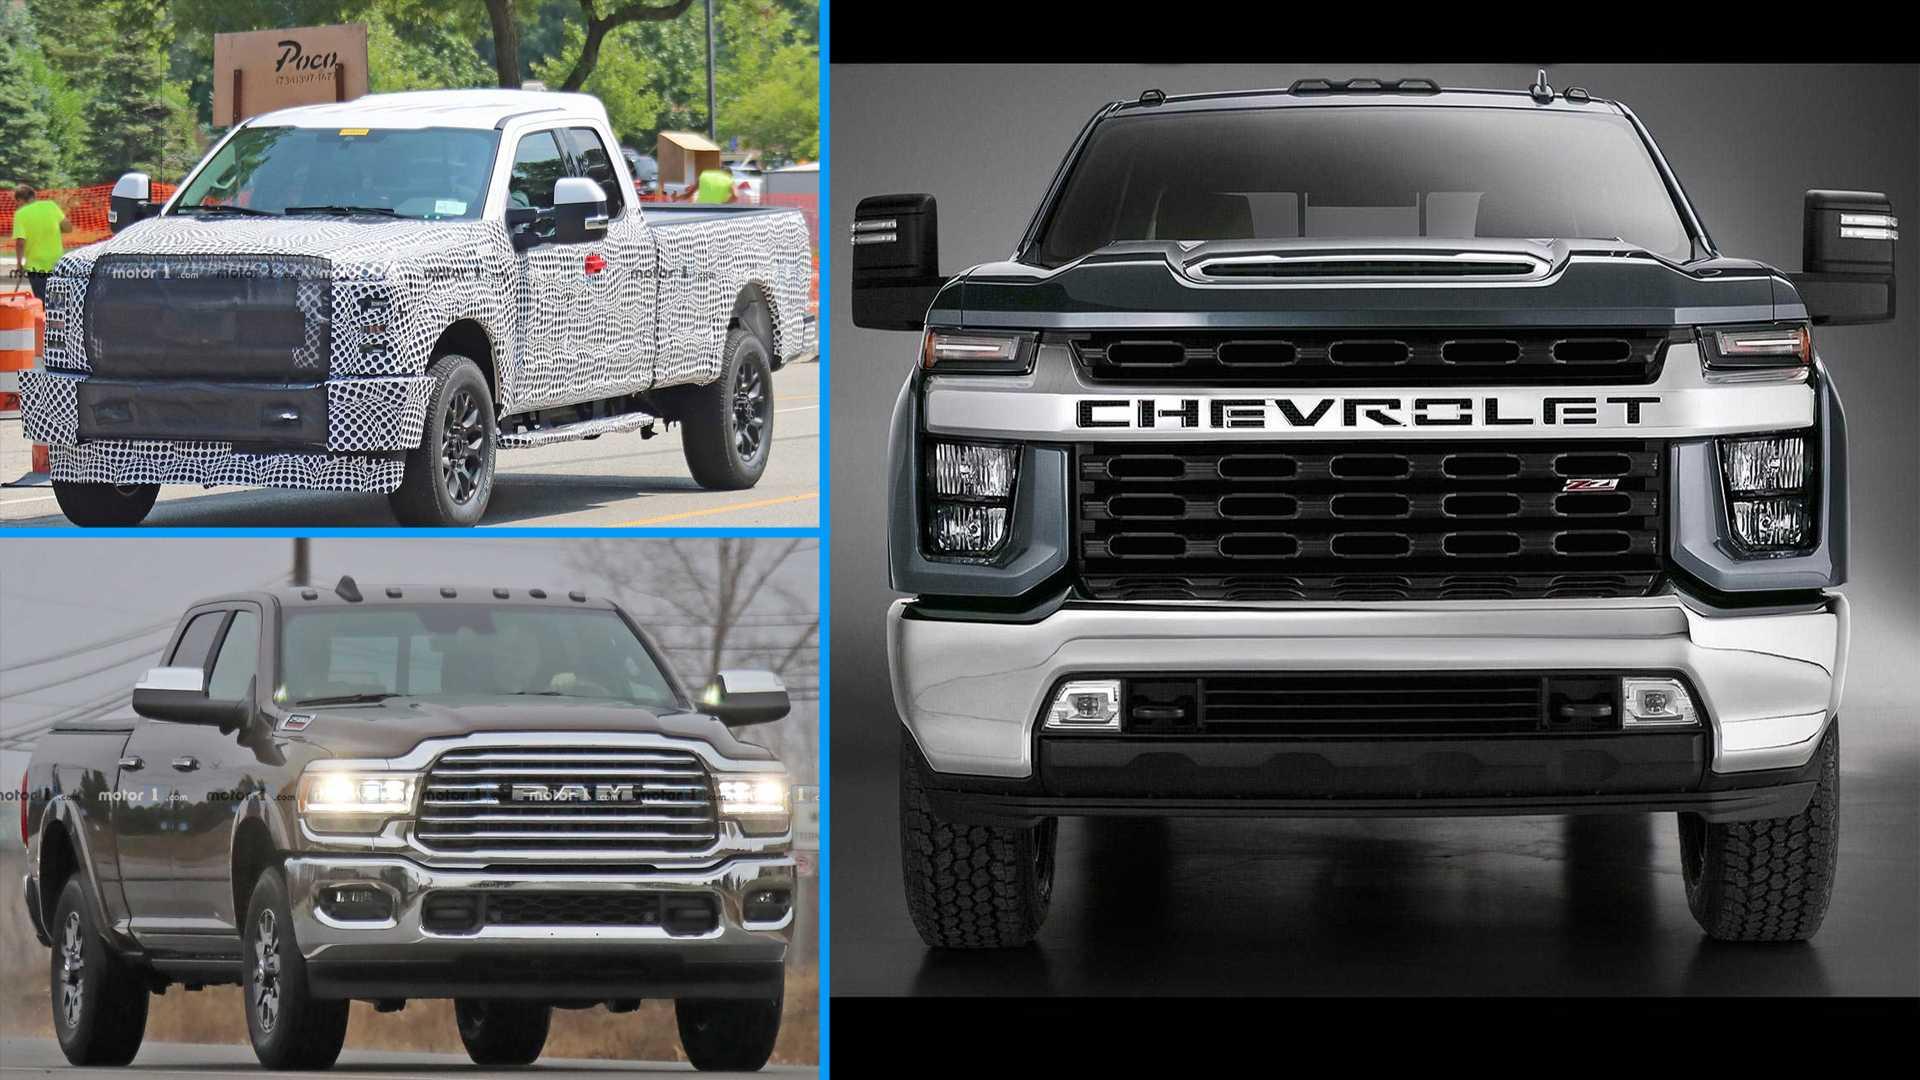 46 Concept of 2020 Silverado Hd Concept with 2020 Silverado Hd